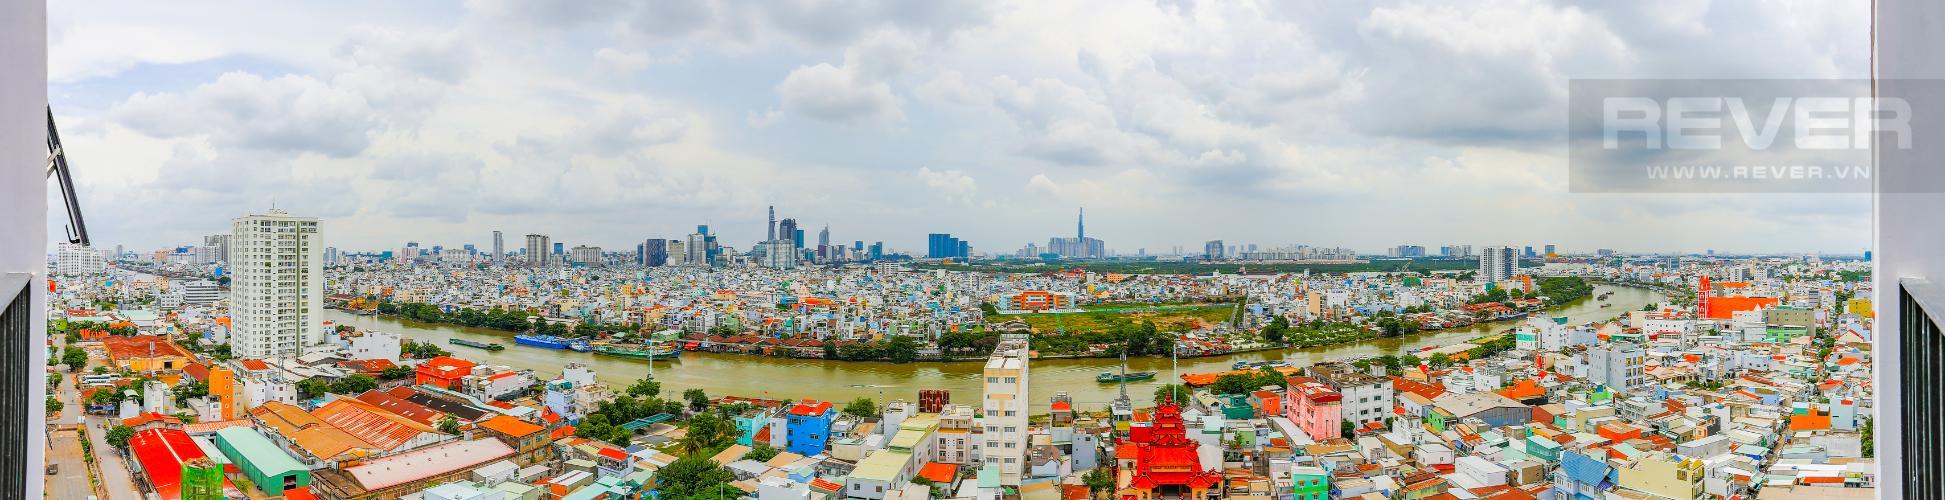 View Căn hộ M-One Nam Sài Gòn 2 phòng ngủ tầng trung T1 đầy đủ tiện nghi